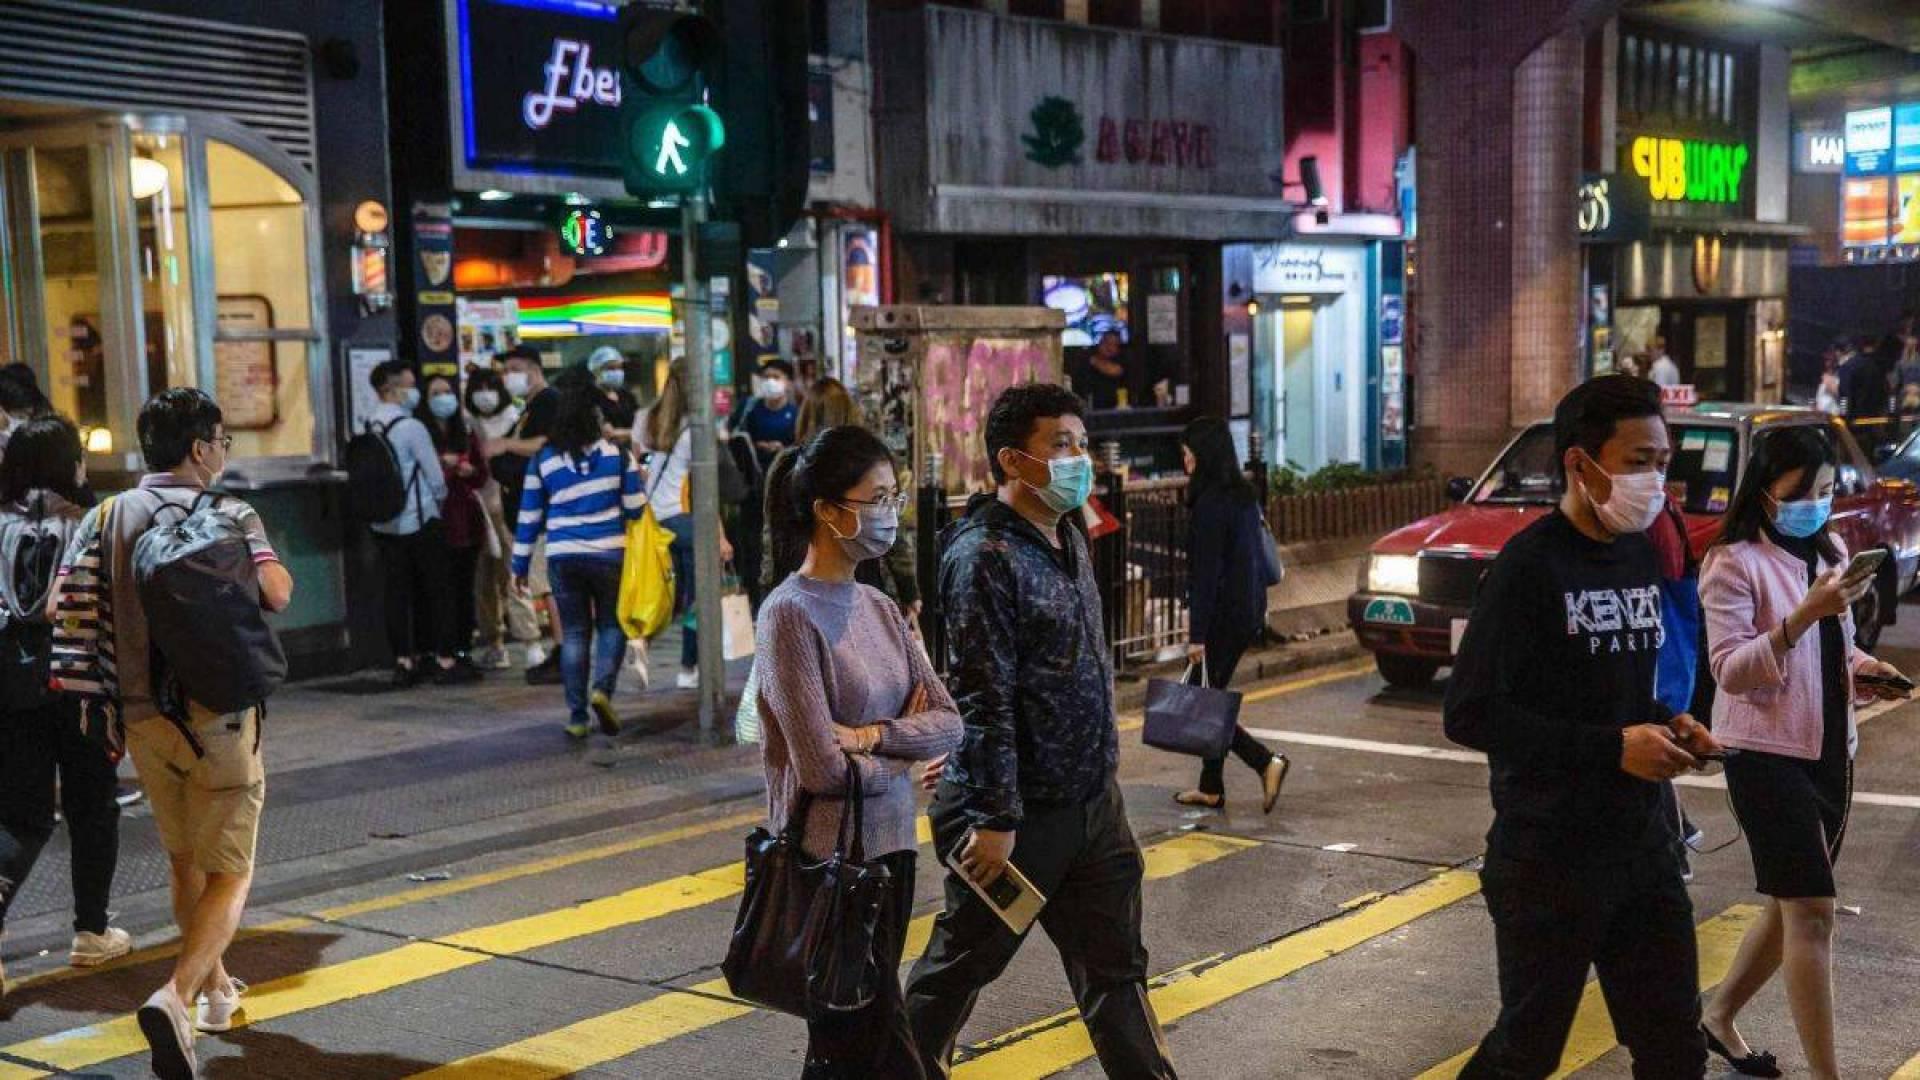 هونغ كونغ: اكتشاف أول حالة لإصابة بفيروس كورونا للمرة الثانية